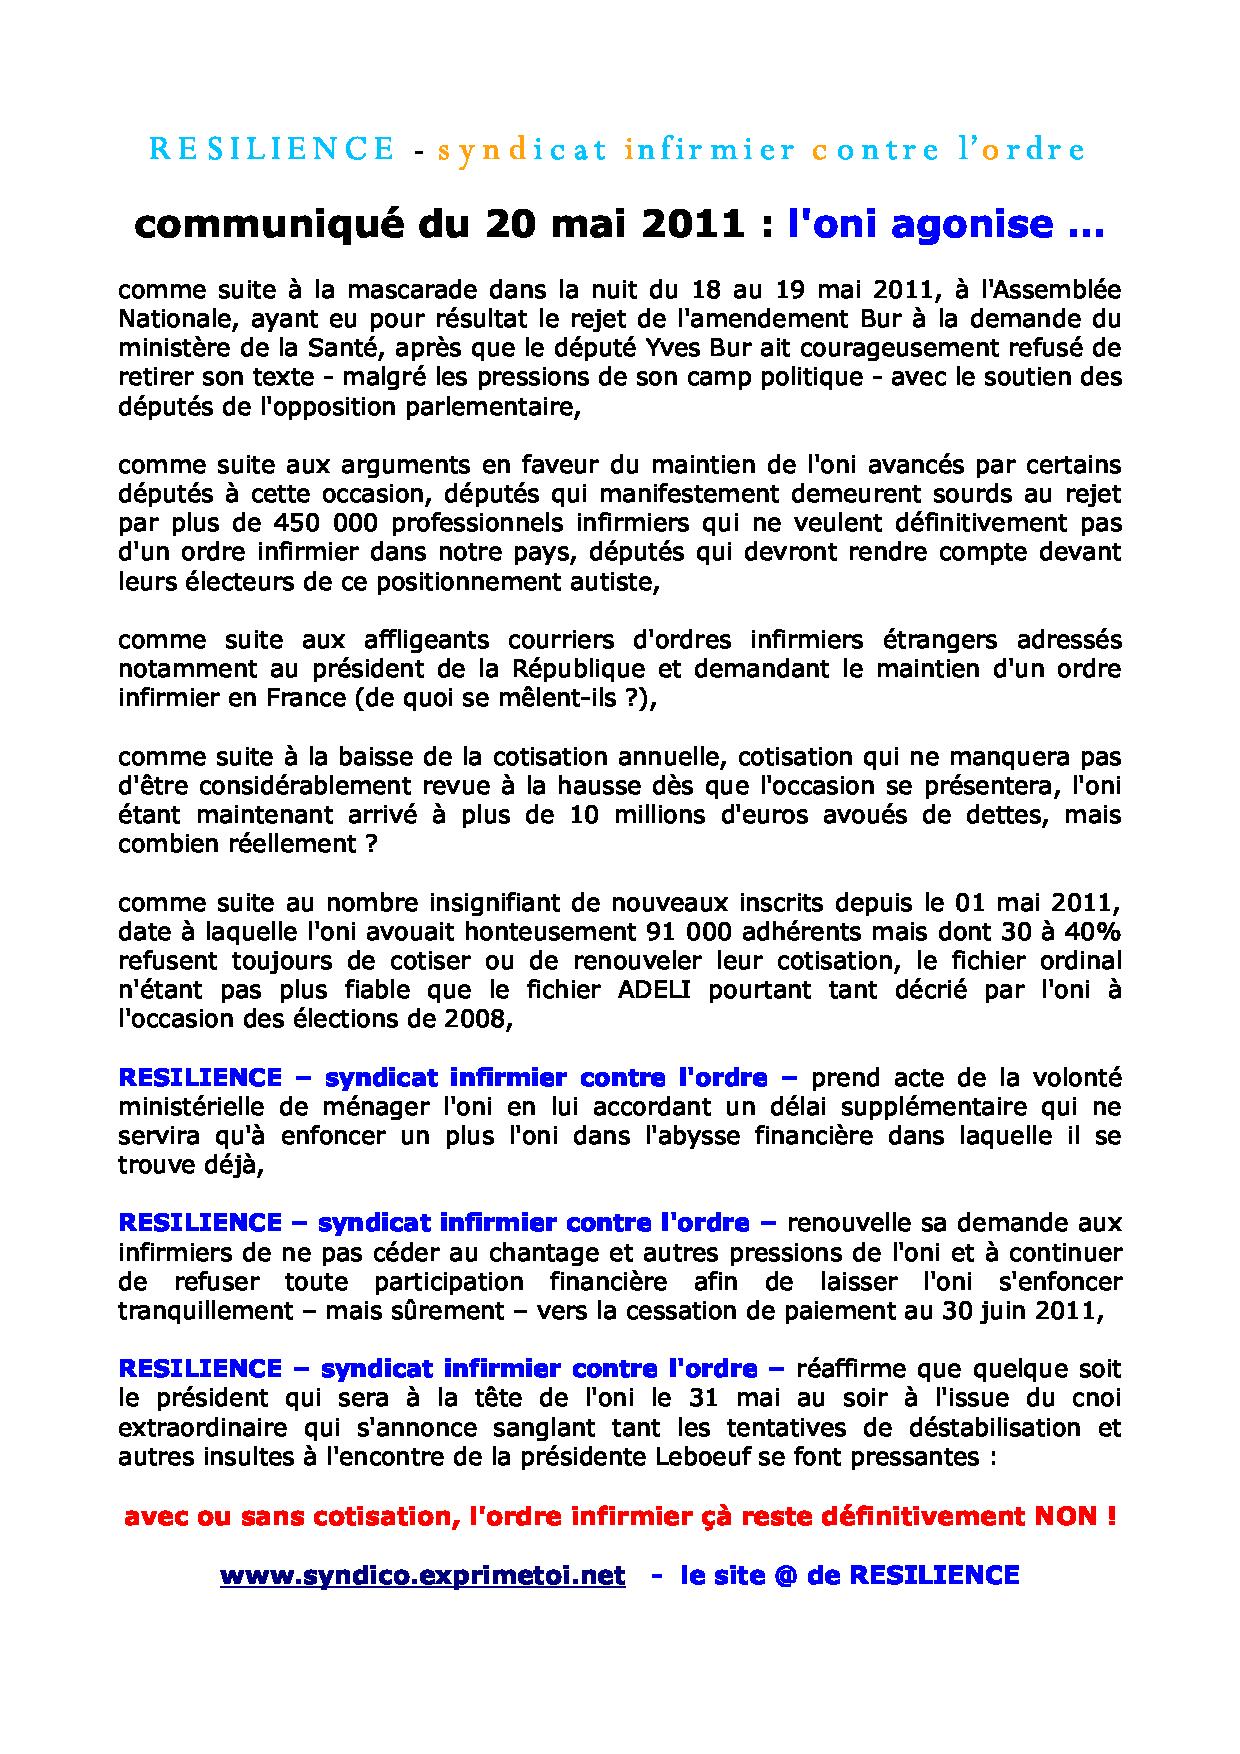 Communiqué RESILIENCE du 20 mai 2011 1105201056191139708185388